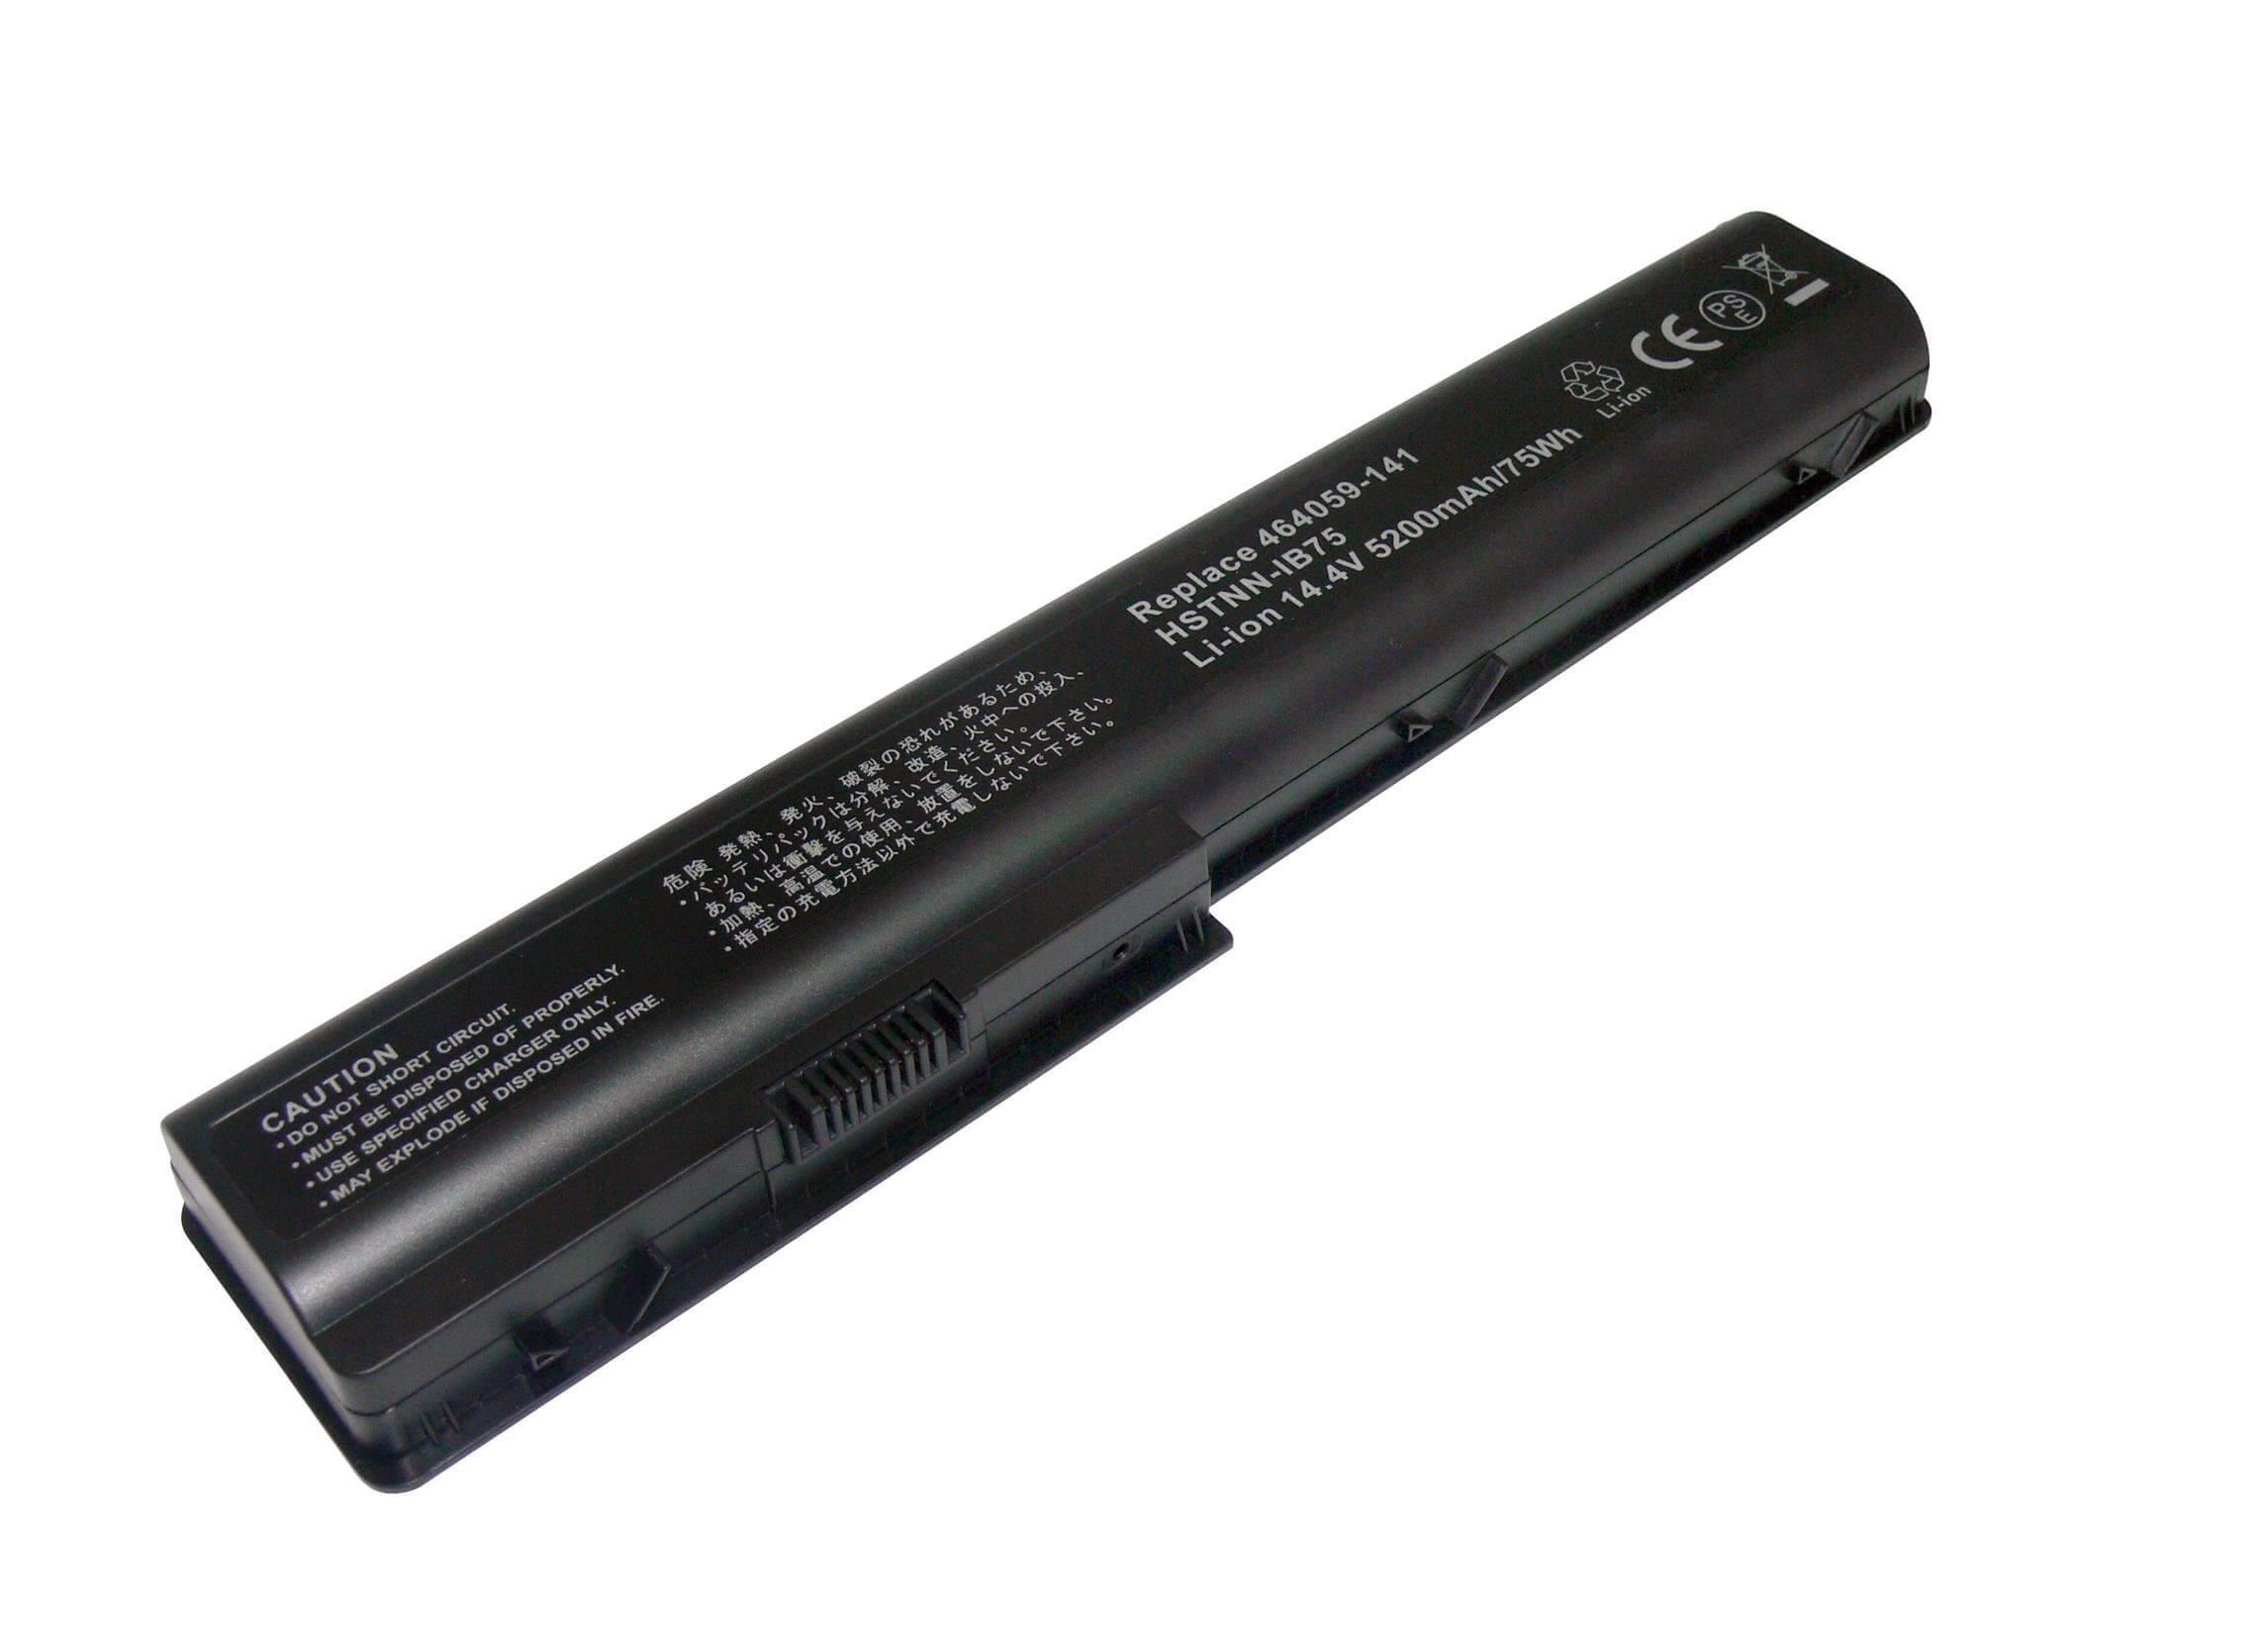 HP Pavilion dv7 batteri HSTNN-DB74